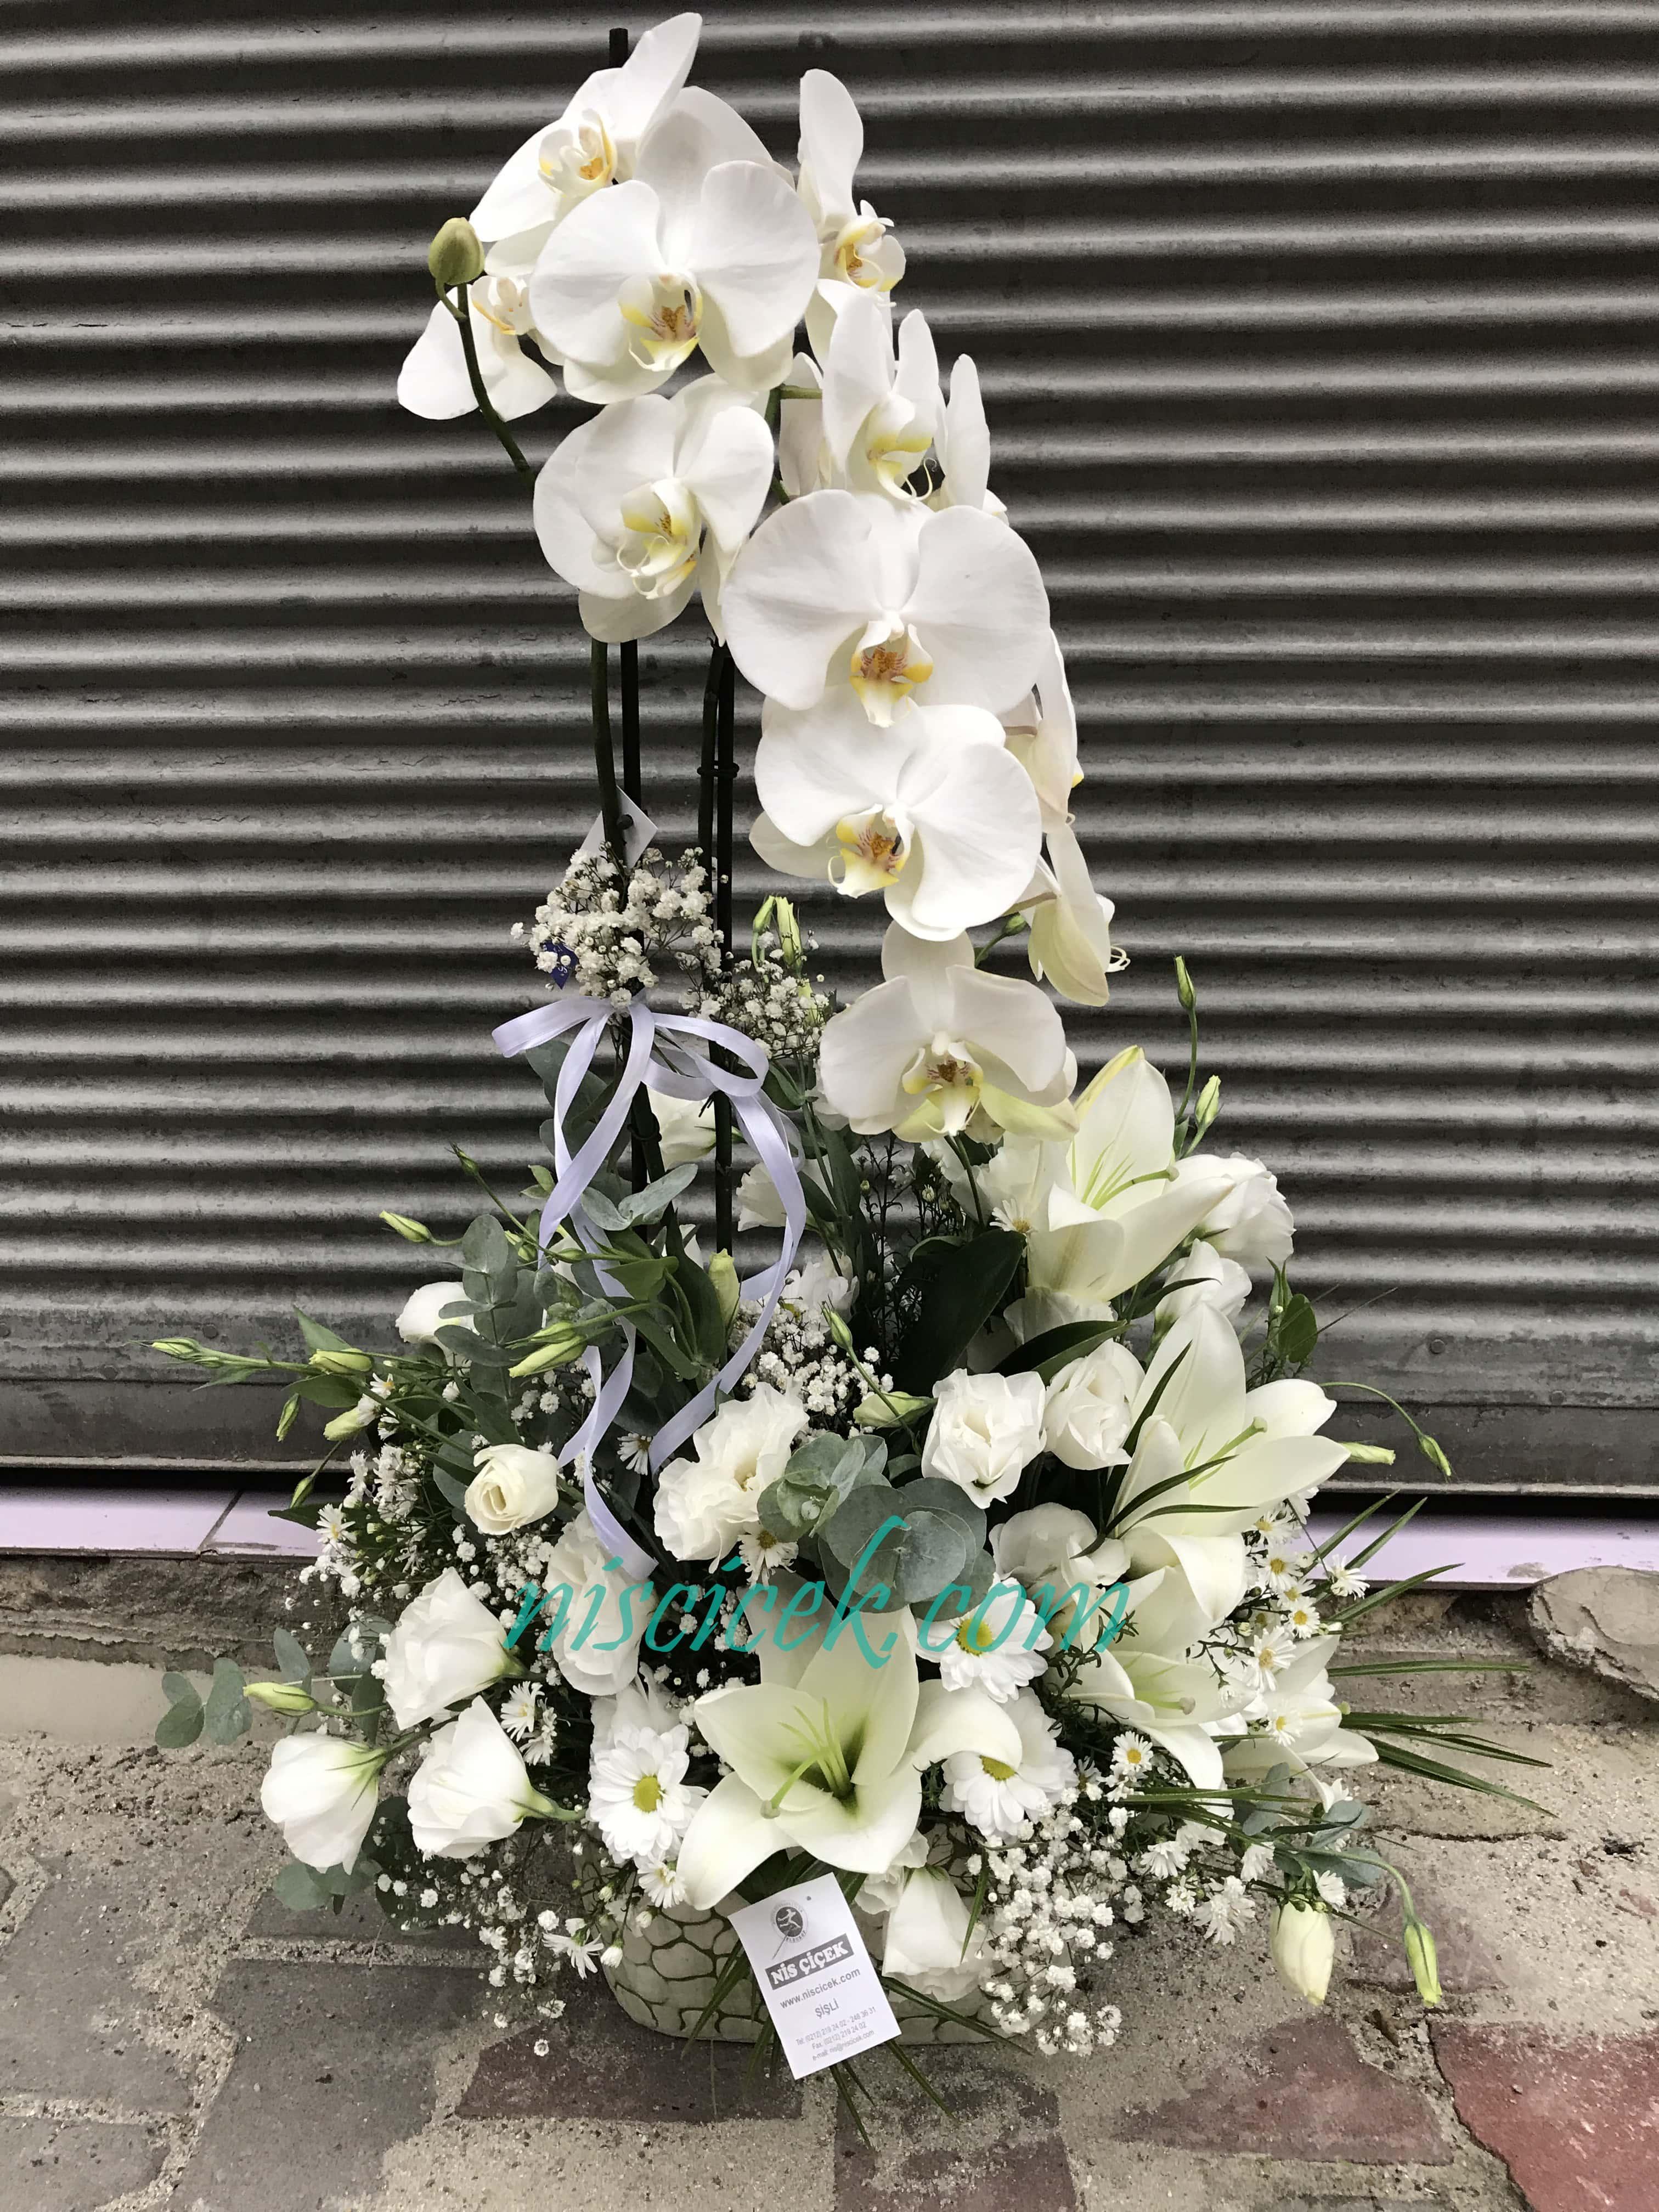 Seramik Saksıda 2 Köklü Orkide Beyaz Lilyum,Lisyantus - Ürün Kodu:719